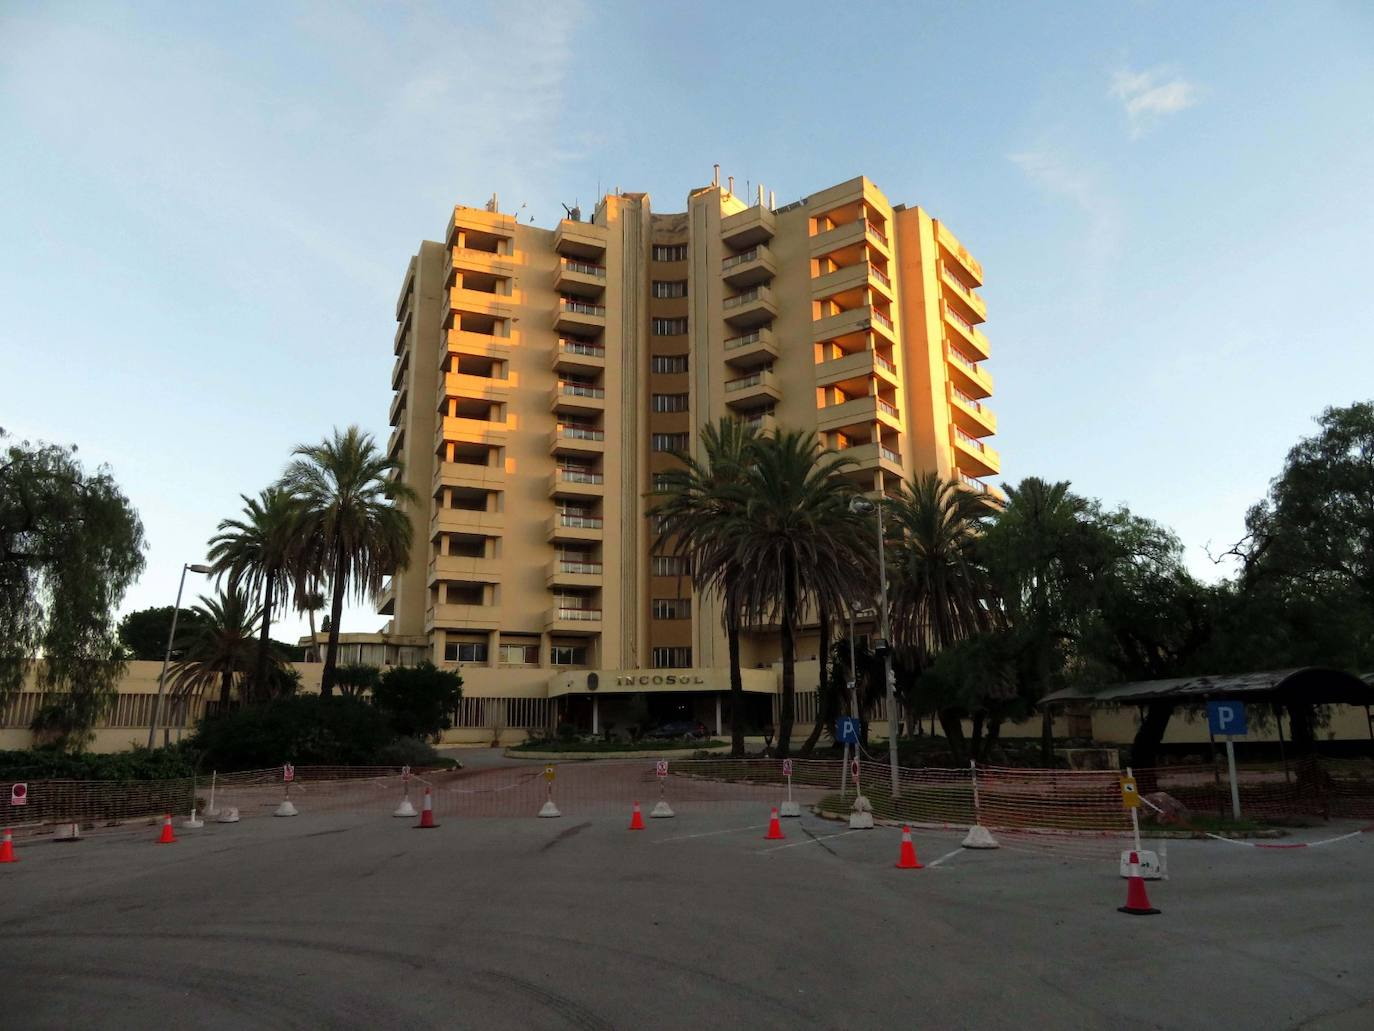 Acusan a una exempleada de seguridad de atracar por venganza el hotel donde trabajaba en Marbella